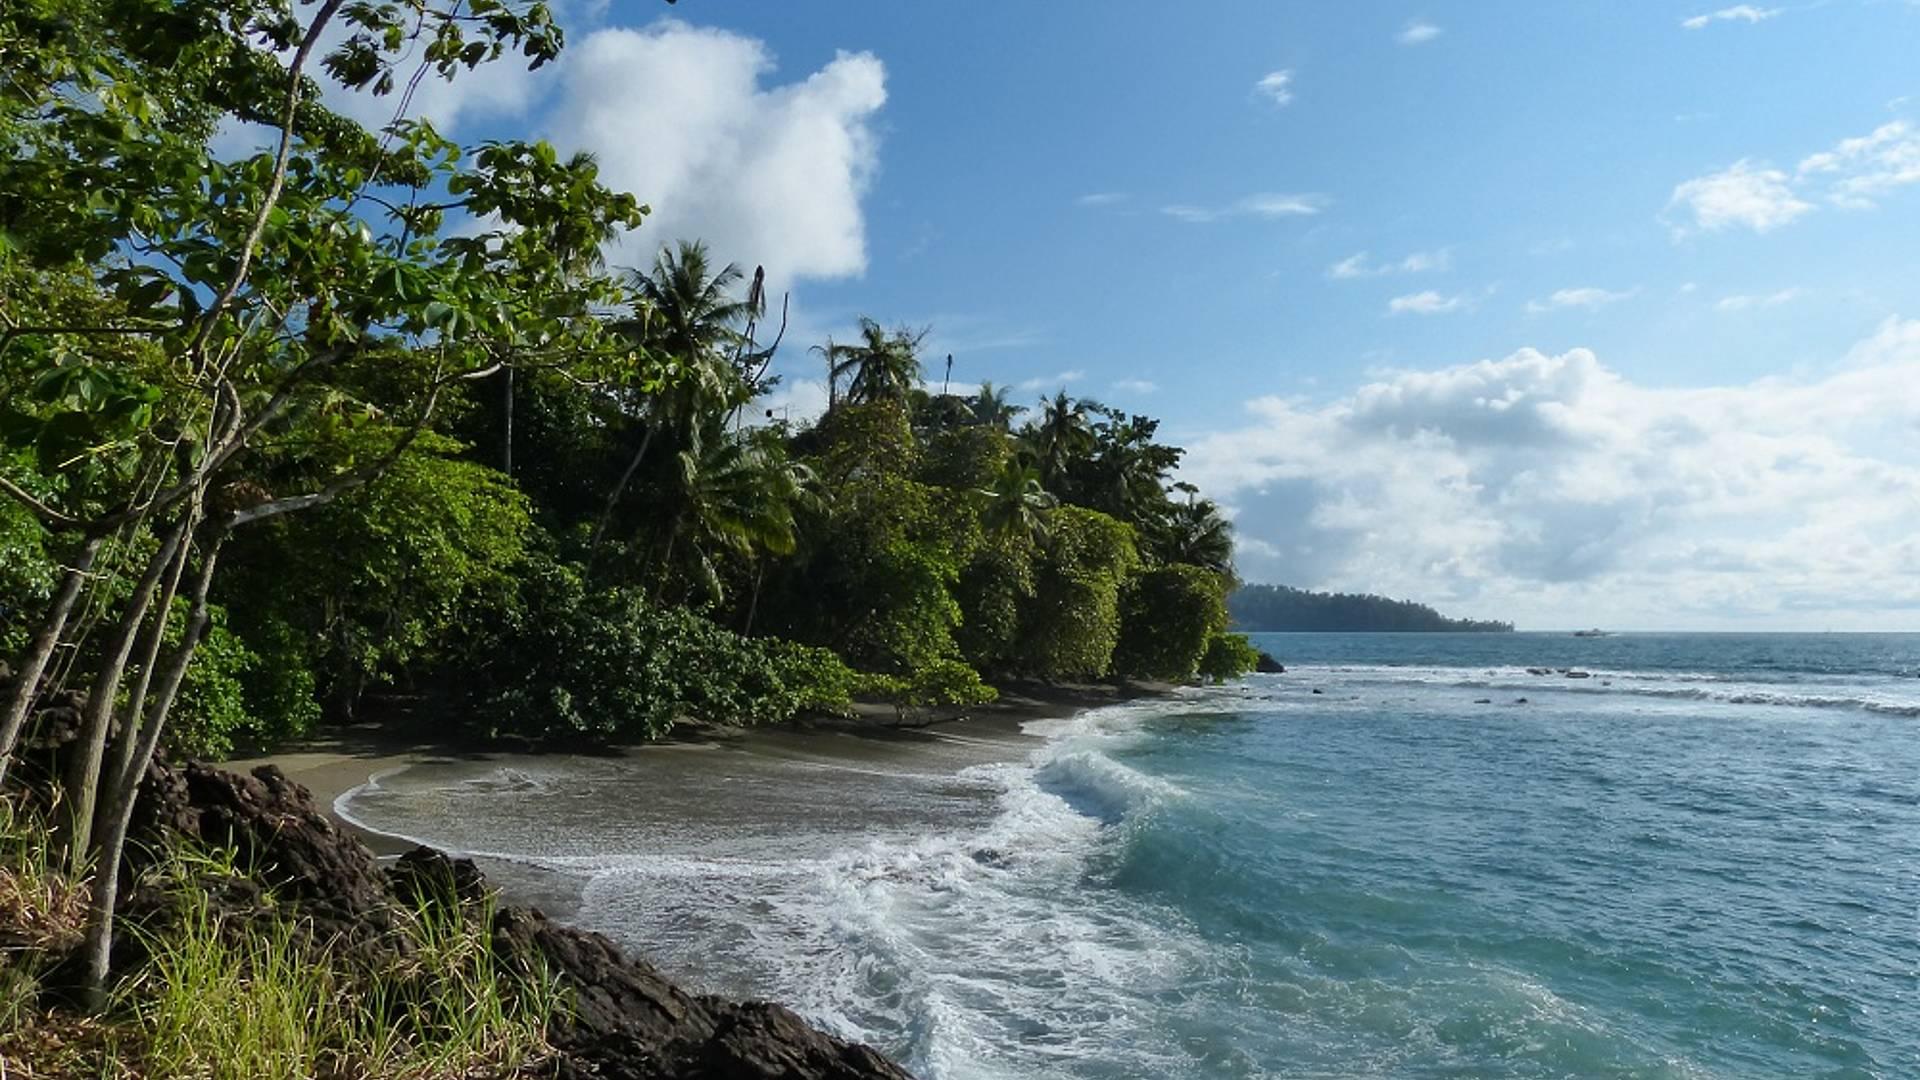 En famille du Costa Rica au Nicaragua, découvertes au-delà des frontières